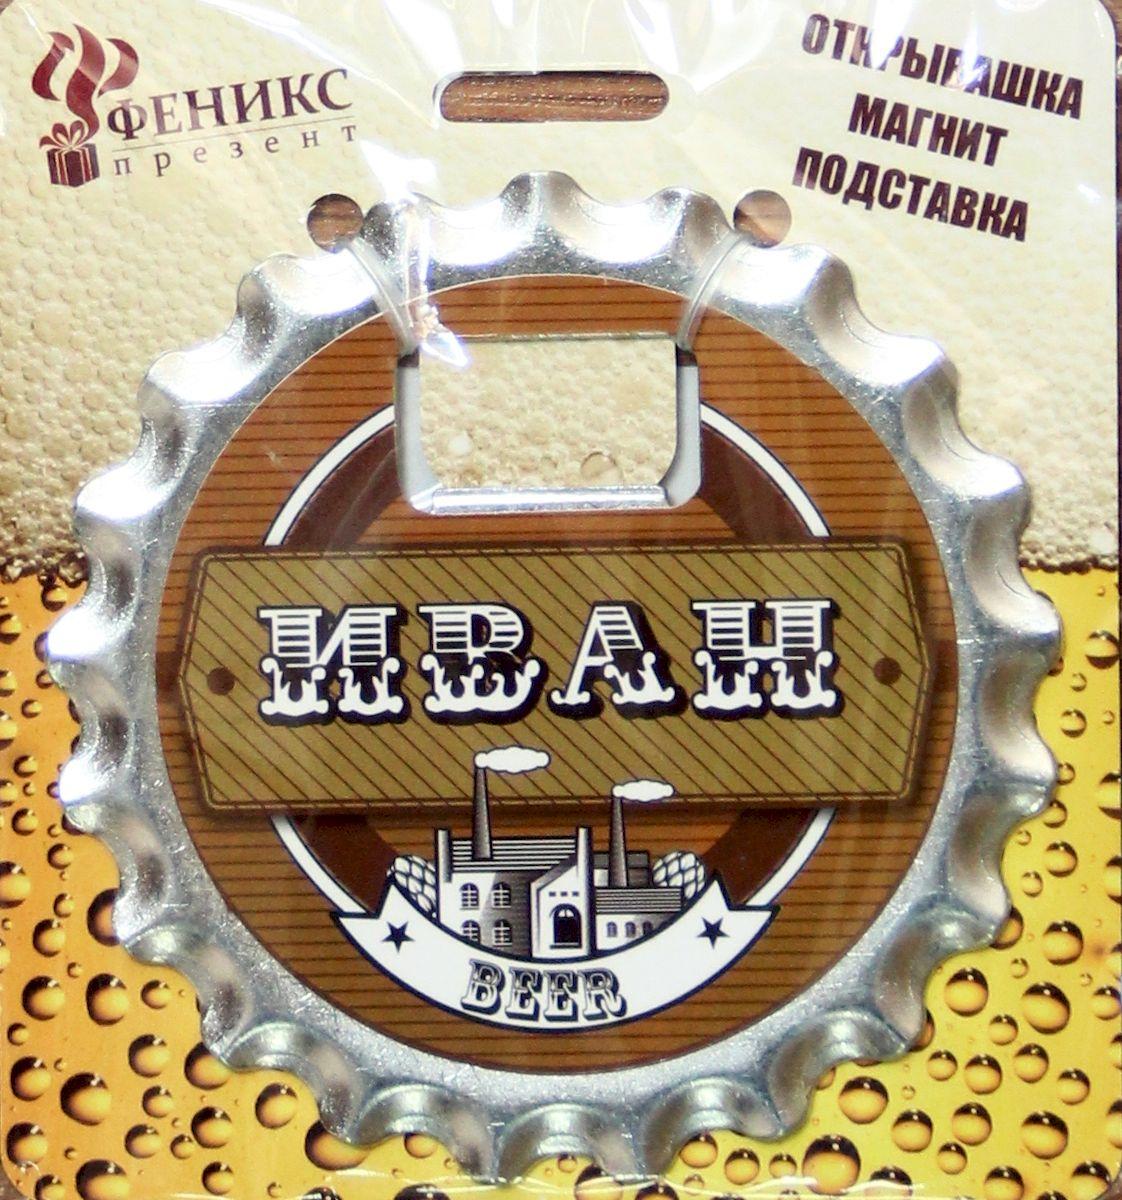 Ключ для открывания бутылок Magic Home Иван, с магнитом ключ для открывания бутылок magic home артем с магнитом